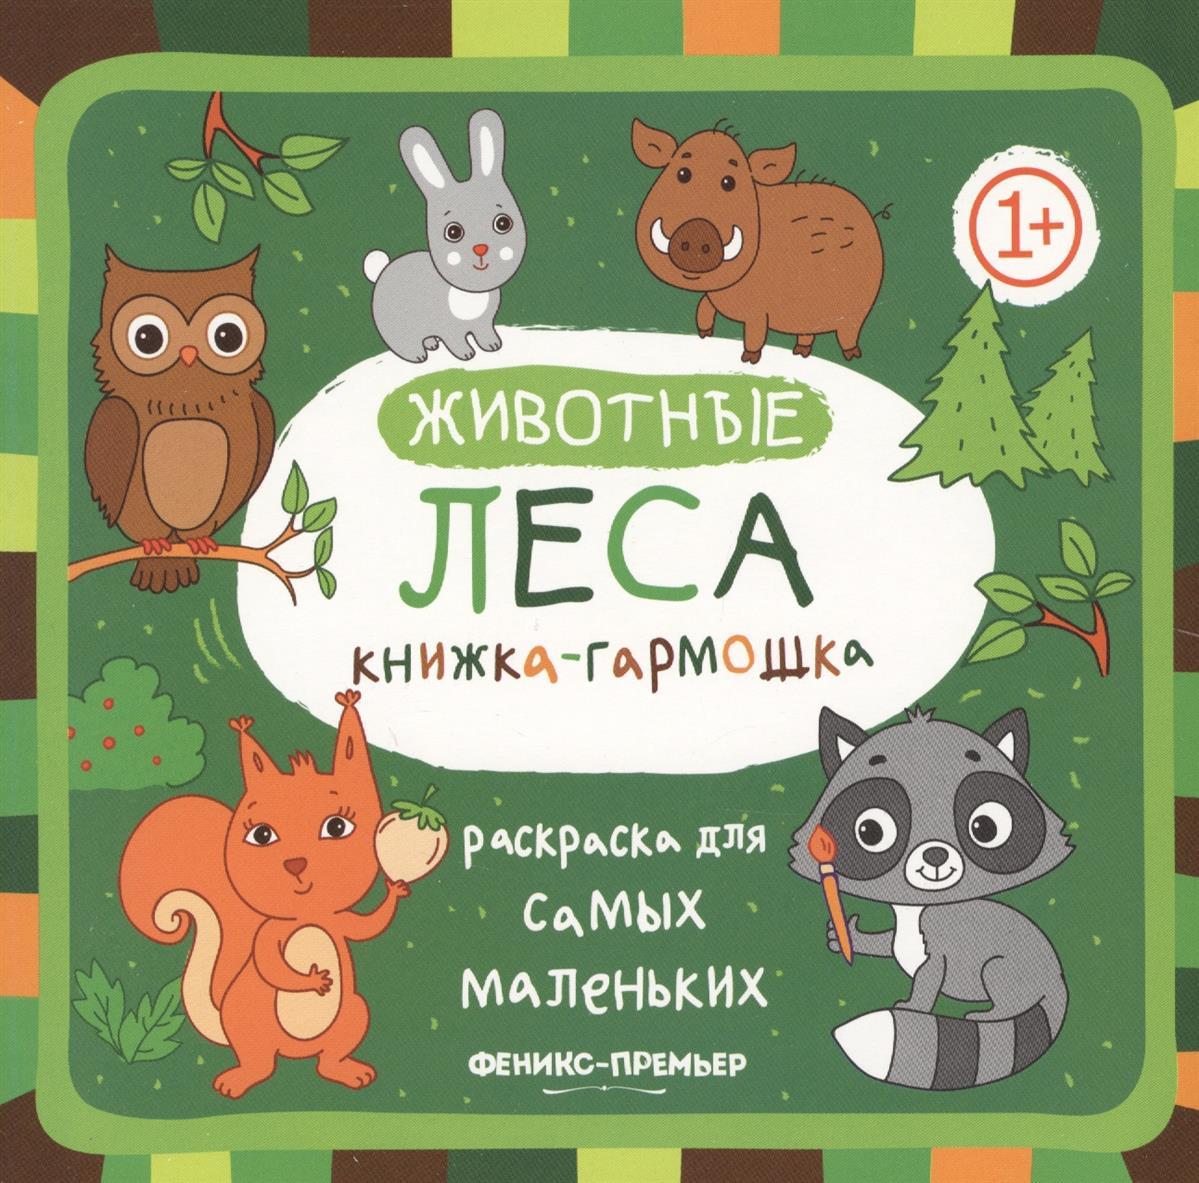 Костомарова Е. (отв.ред.) Раскраска для самых маленьких. Животные леса. Книжка-гарможка журнал животные леса 43